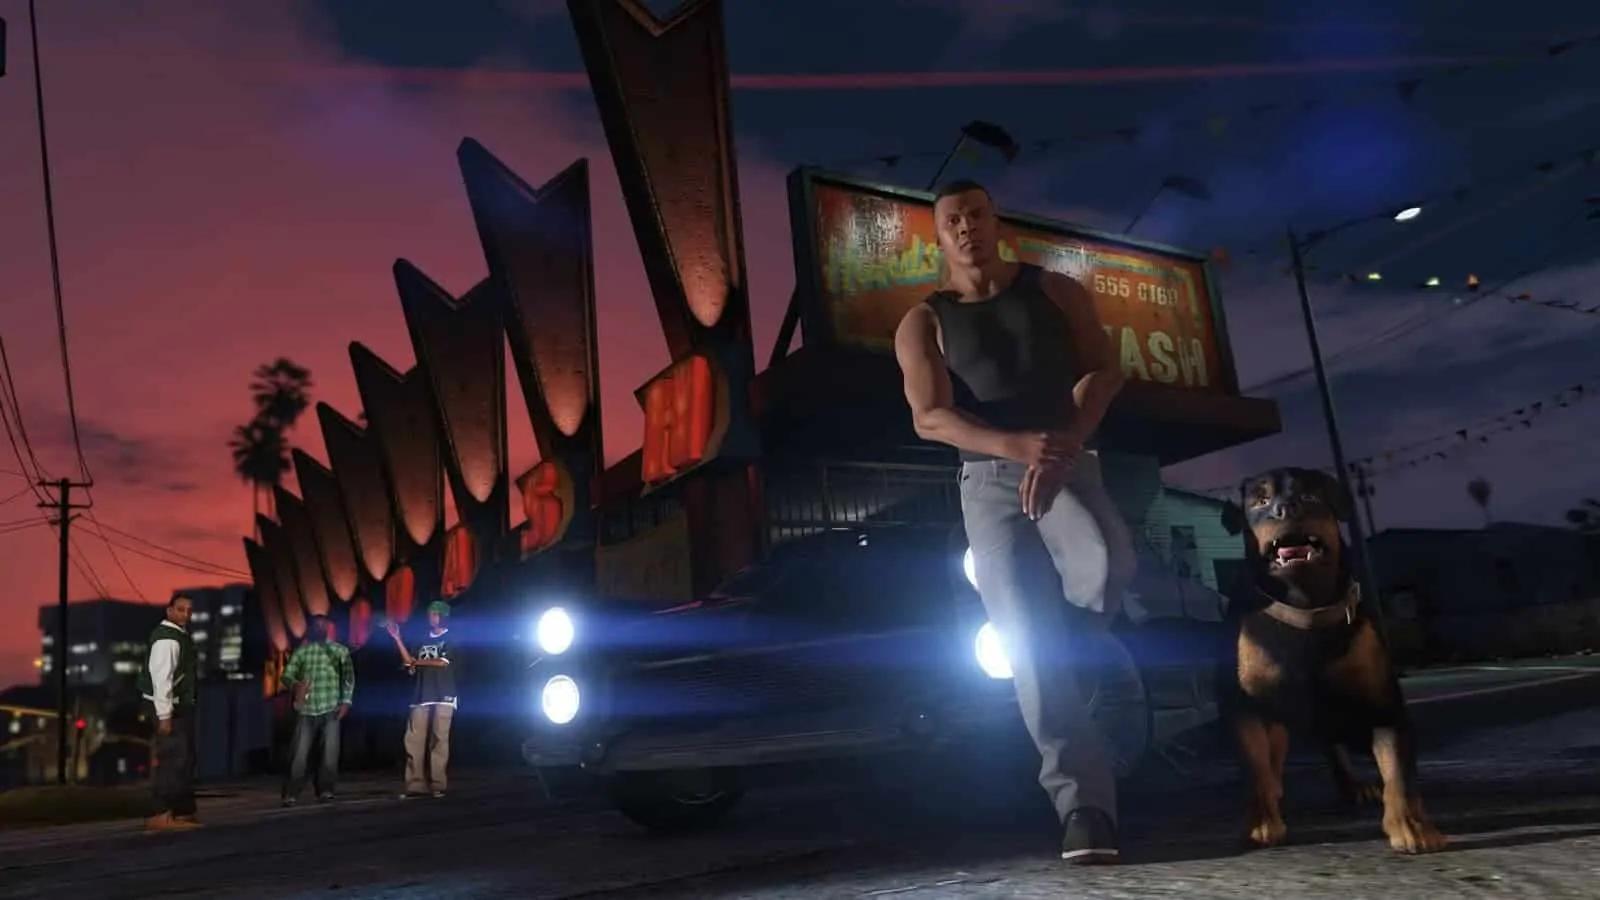 Brawl Through The Streets Of GTA V - GTA BOOM